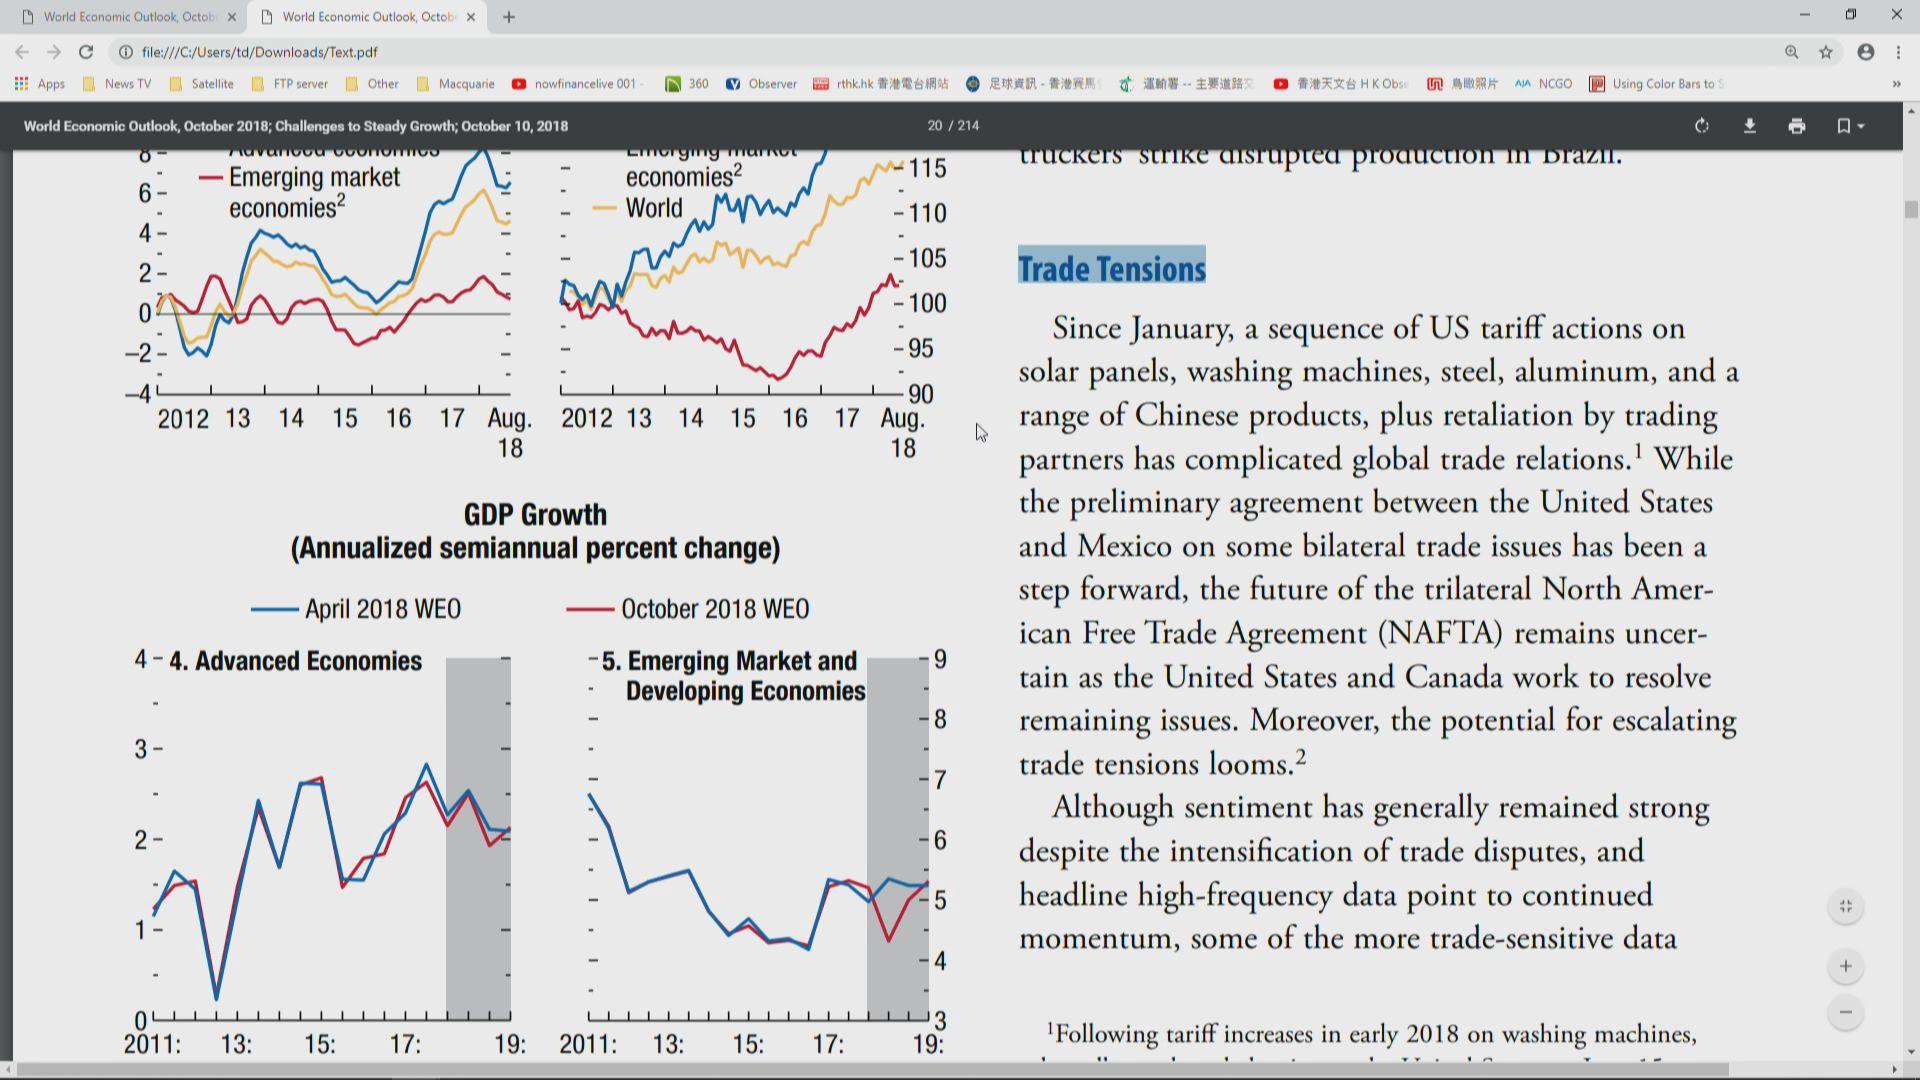 【中美貿戰】IMF降全球增長預測 兩年首見